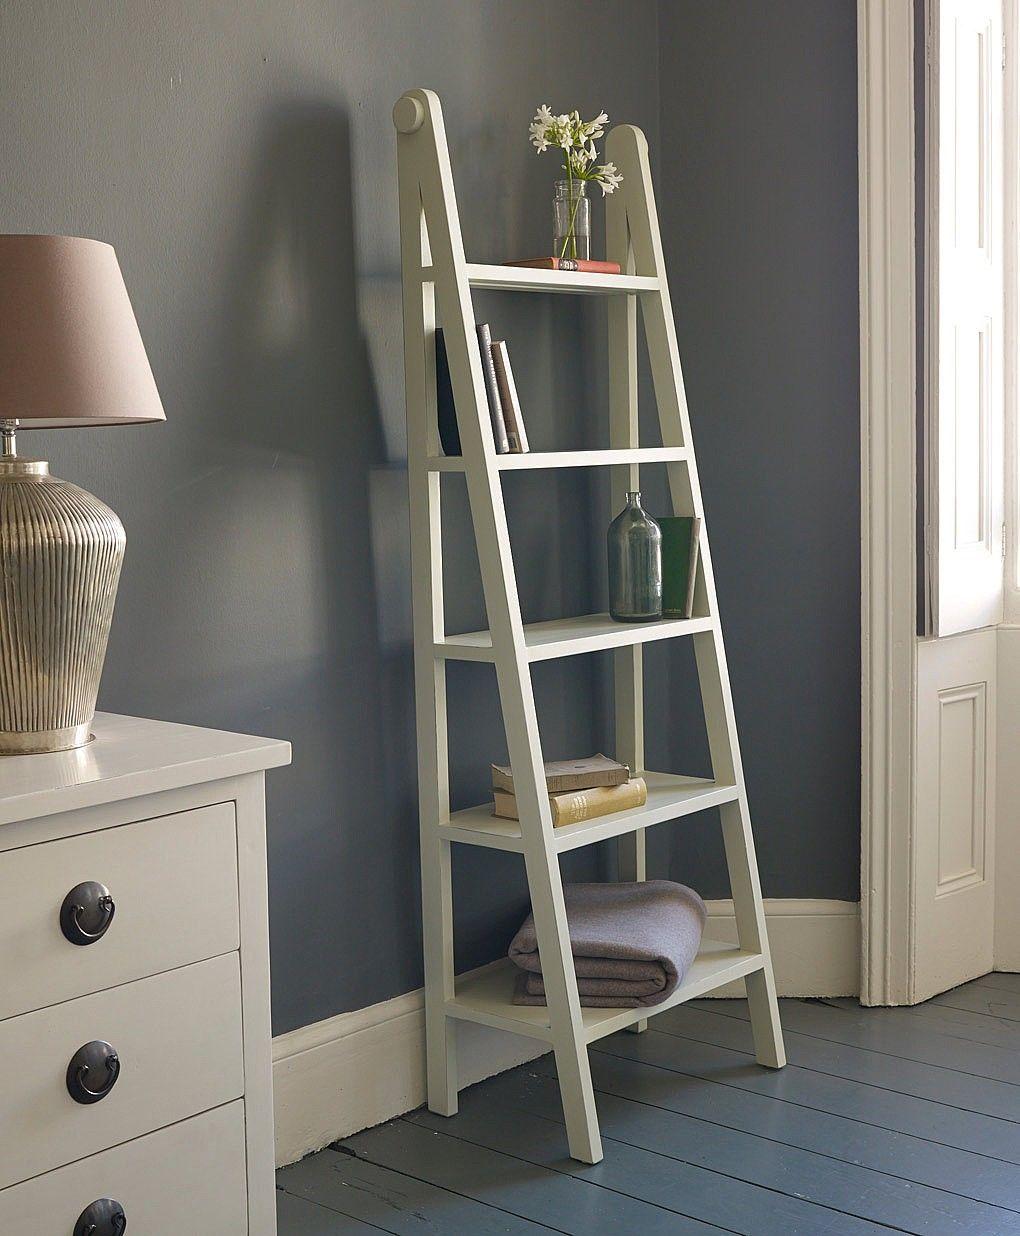 The Ladder Book Shelf Materials Used Two Ladders And Wooden Planks Homecues Bookshelves Homeimproveme White Ladder Bookshelf Tiny Bedroom Ladder Bookshelf